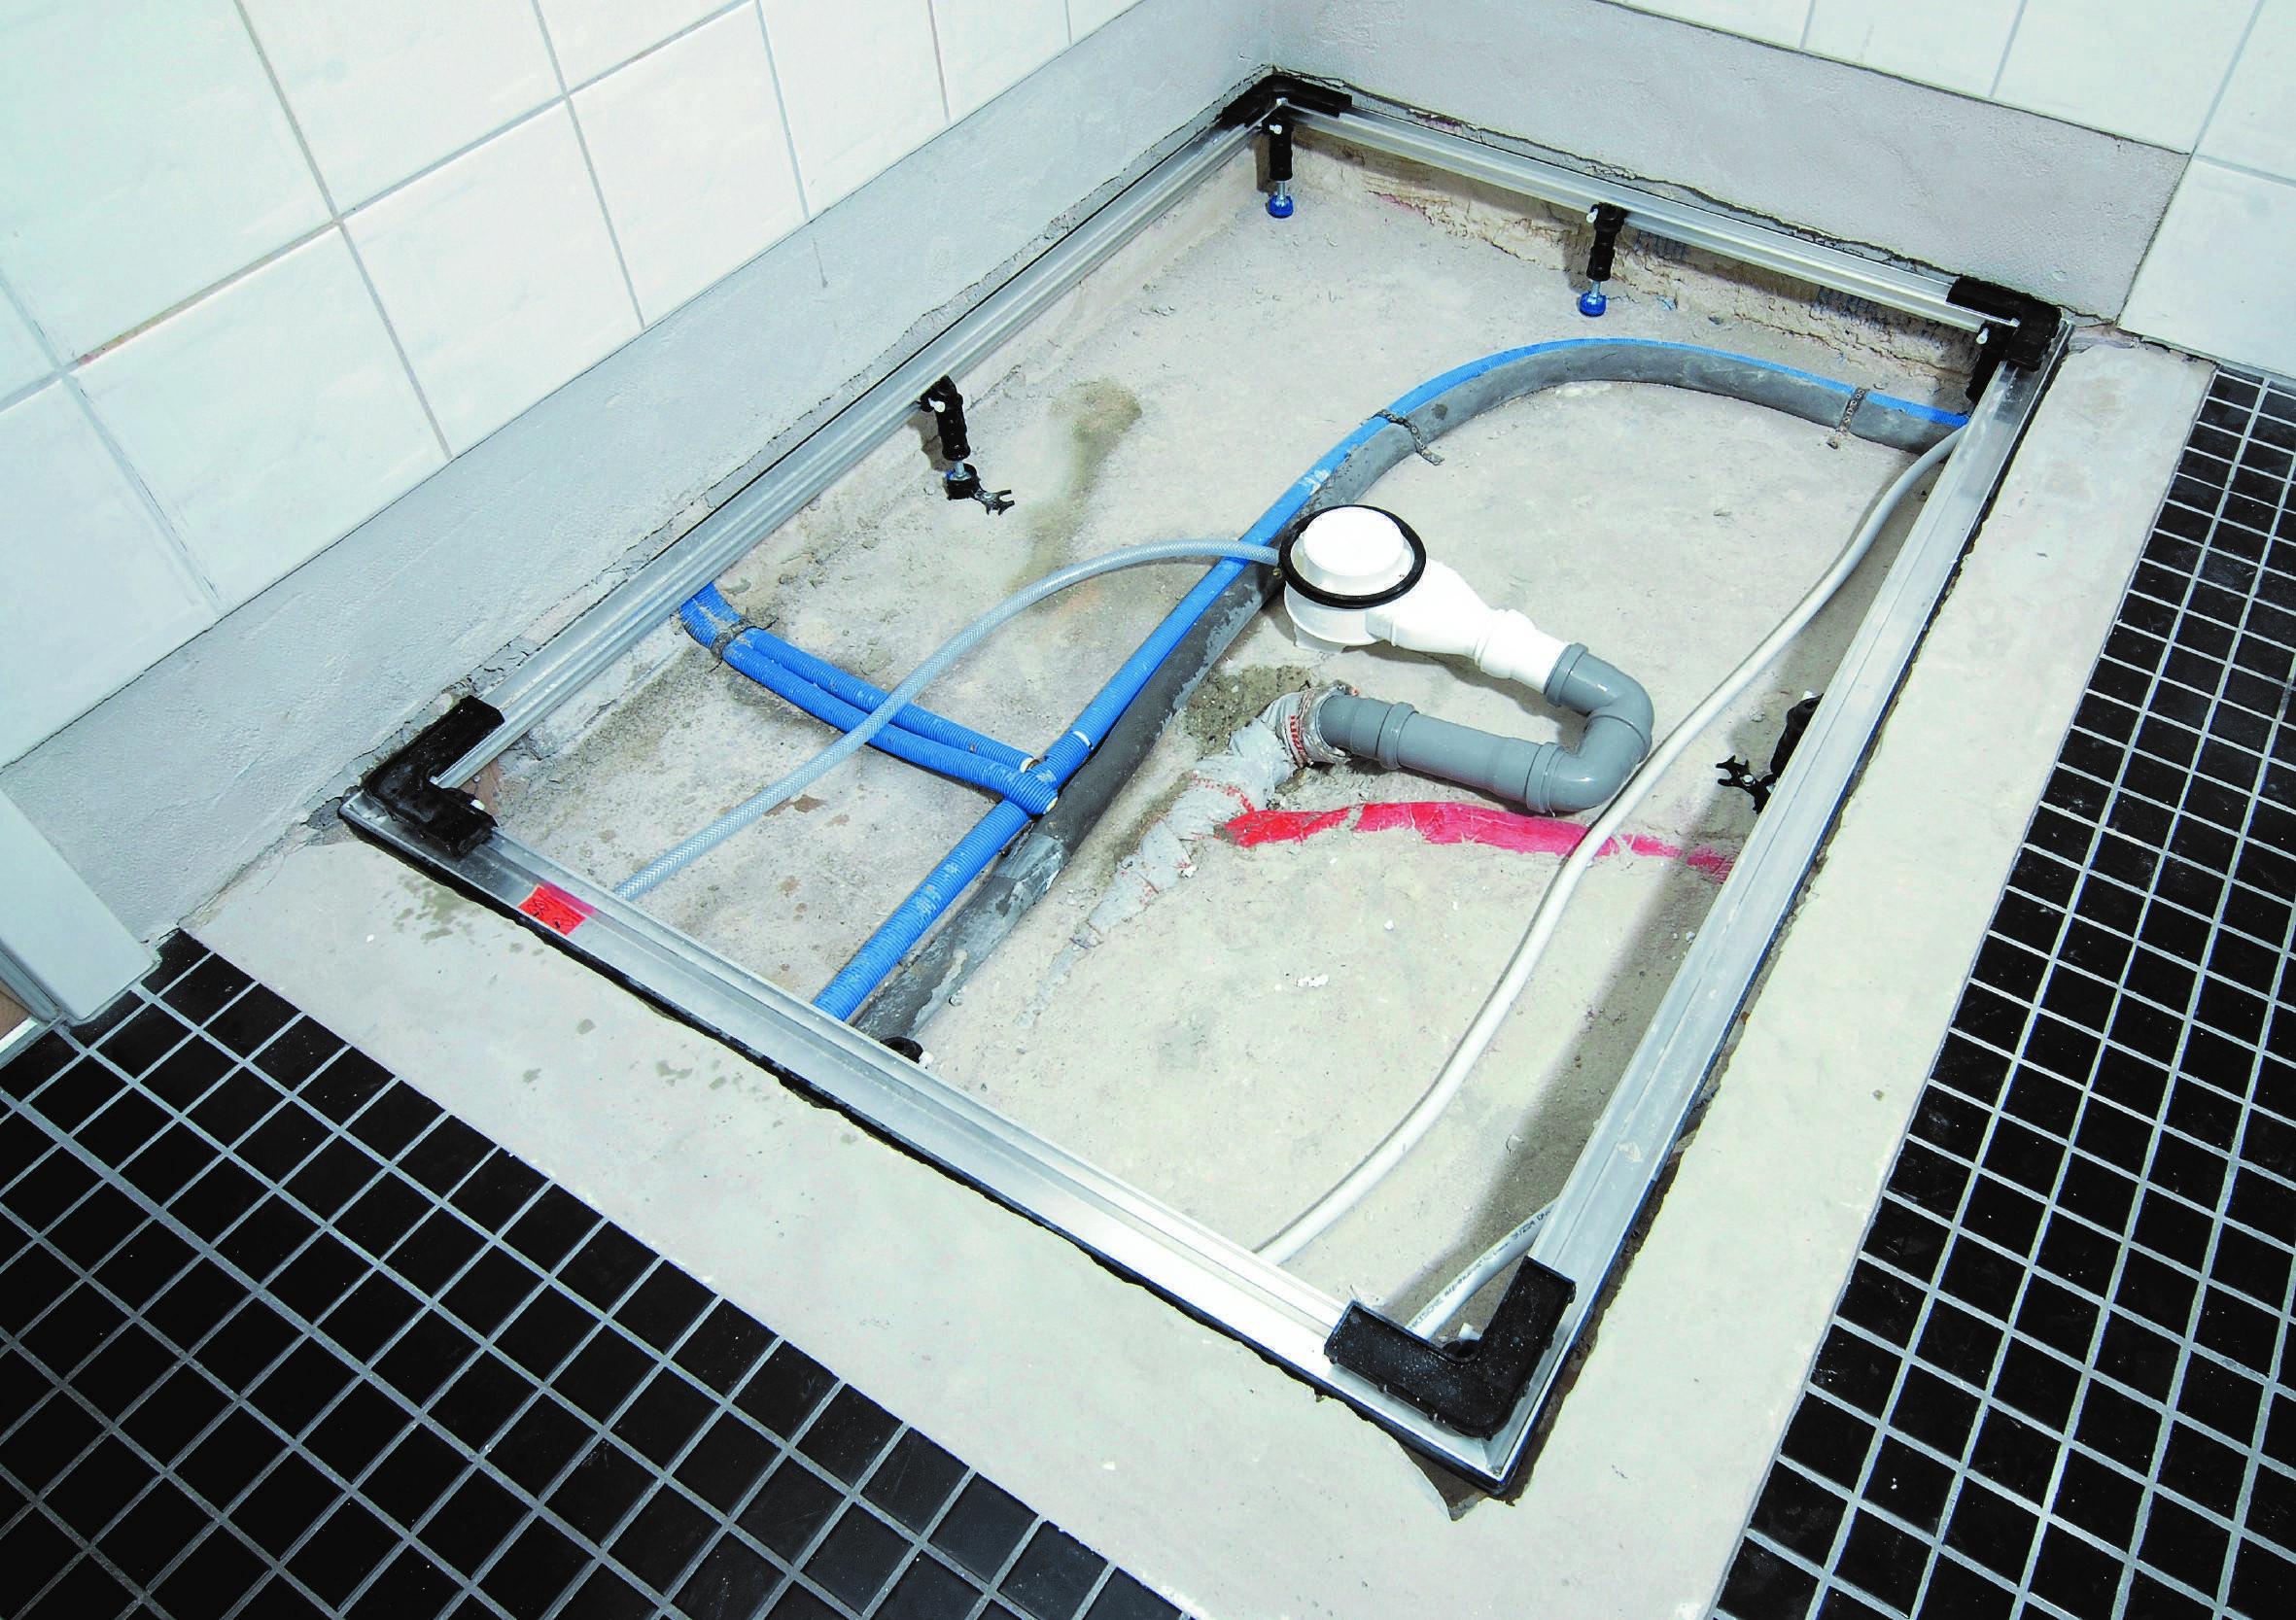 Установка душевой кабины своими руками: устройство, сборка, монтаж поддона и подключение к водопроводу